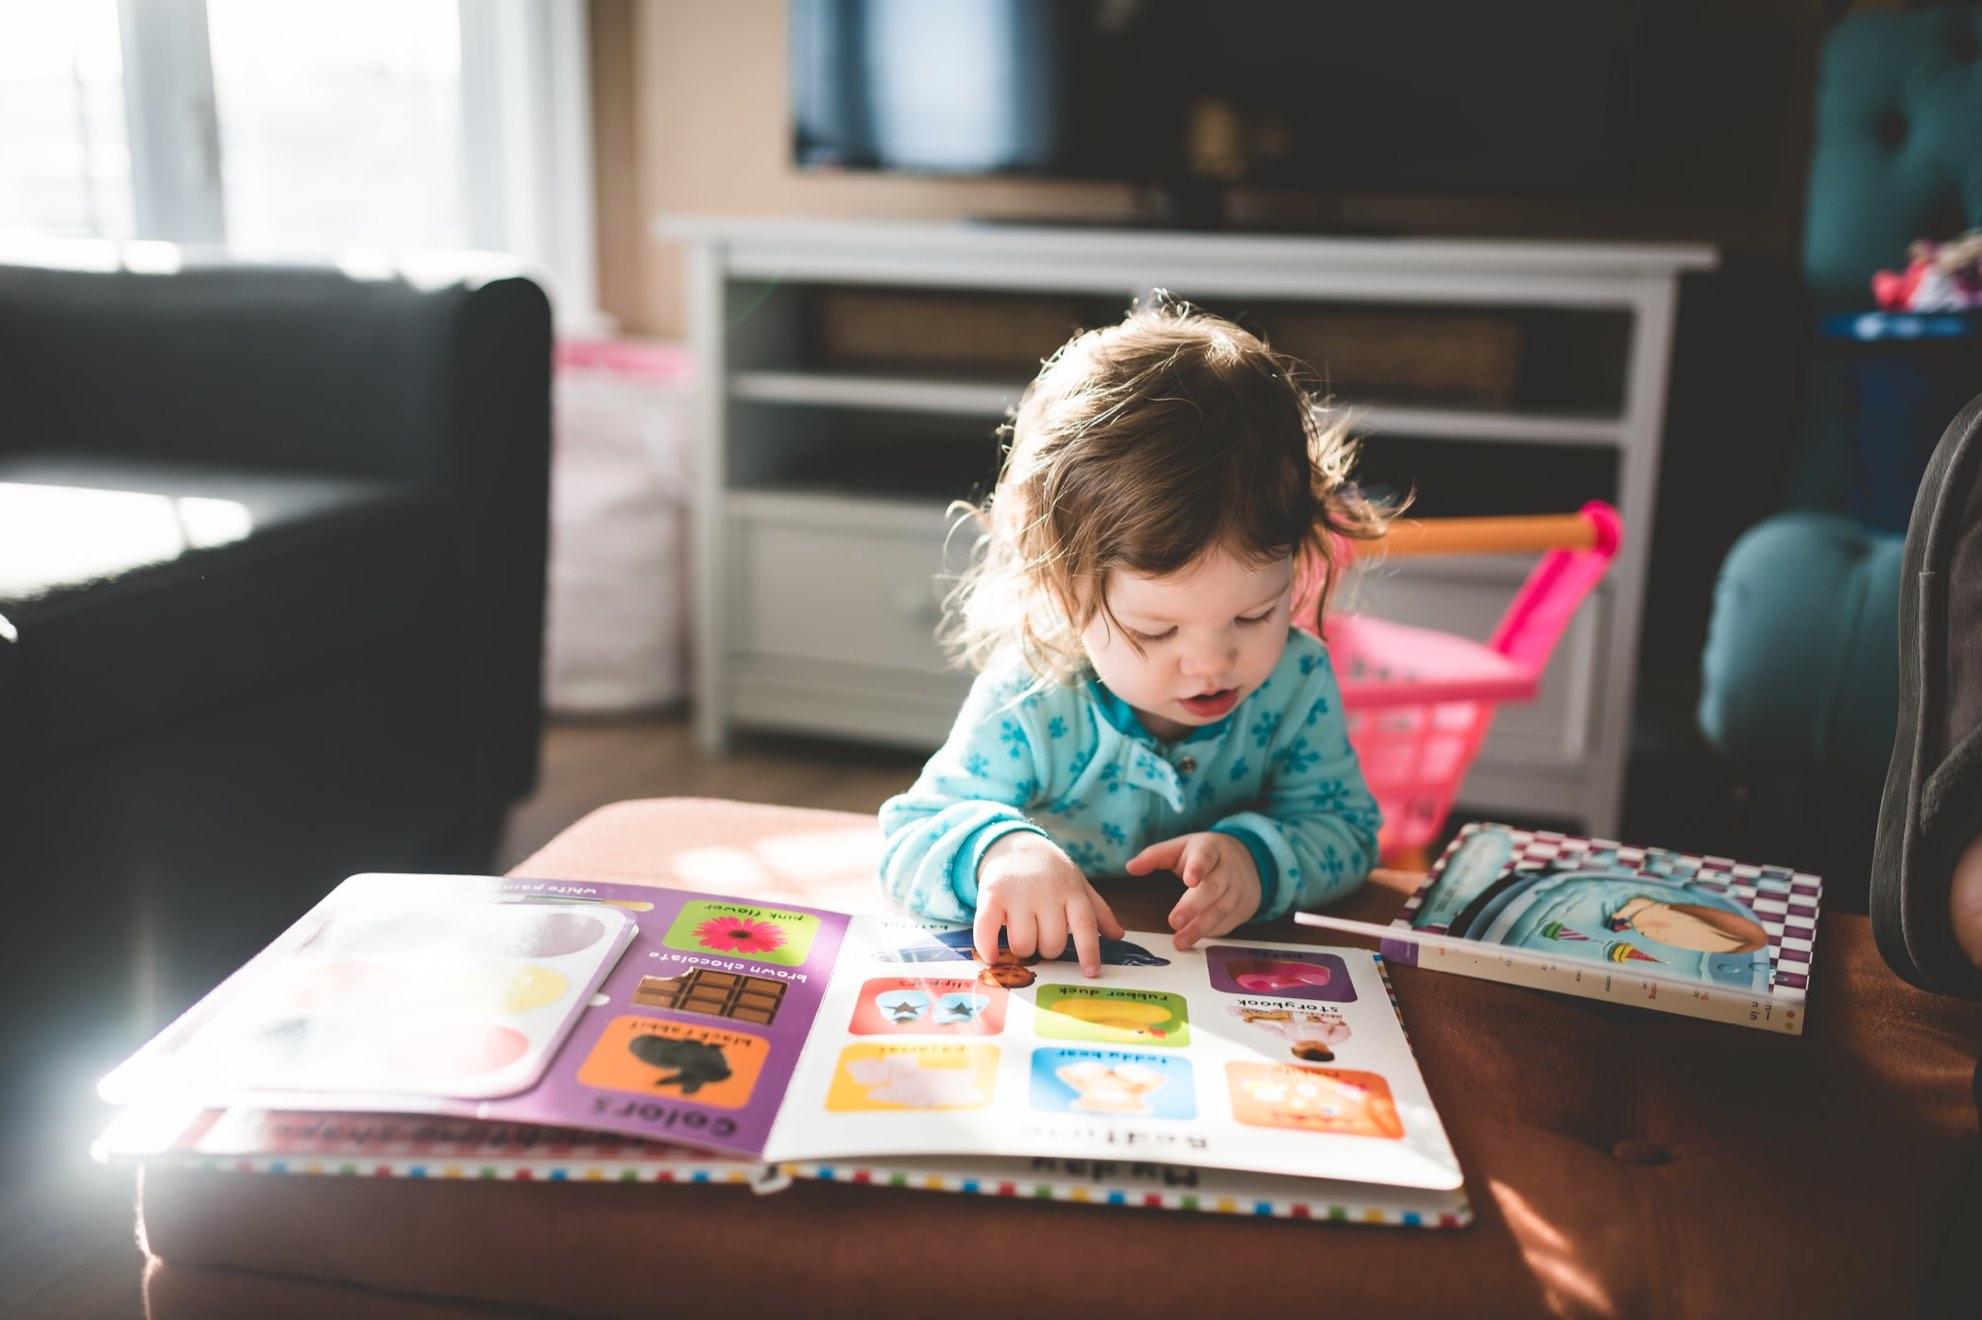 Raadsels en weetjes voor kinderen